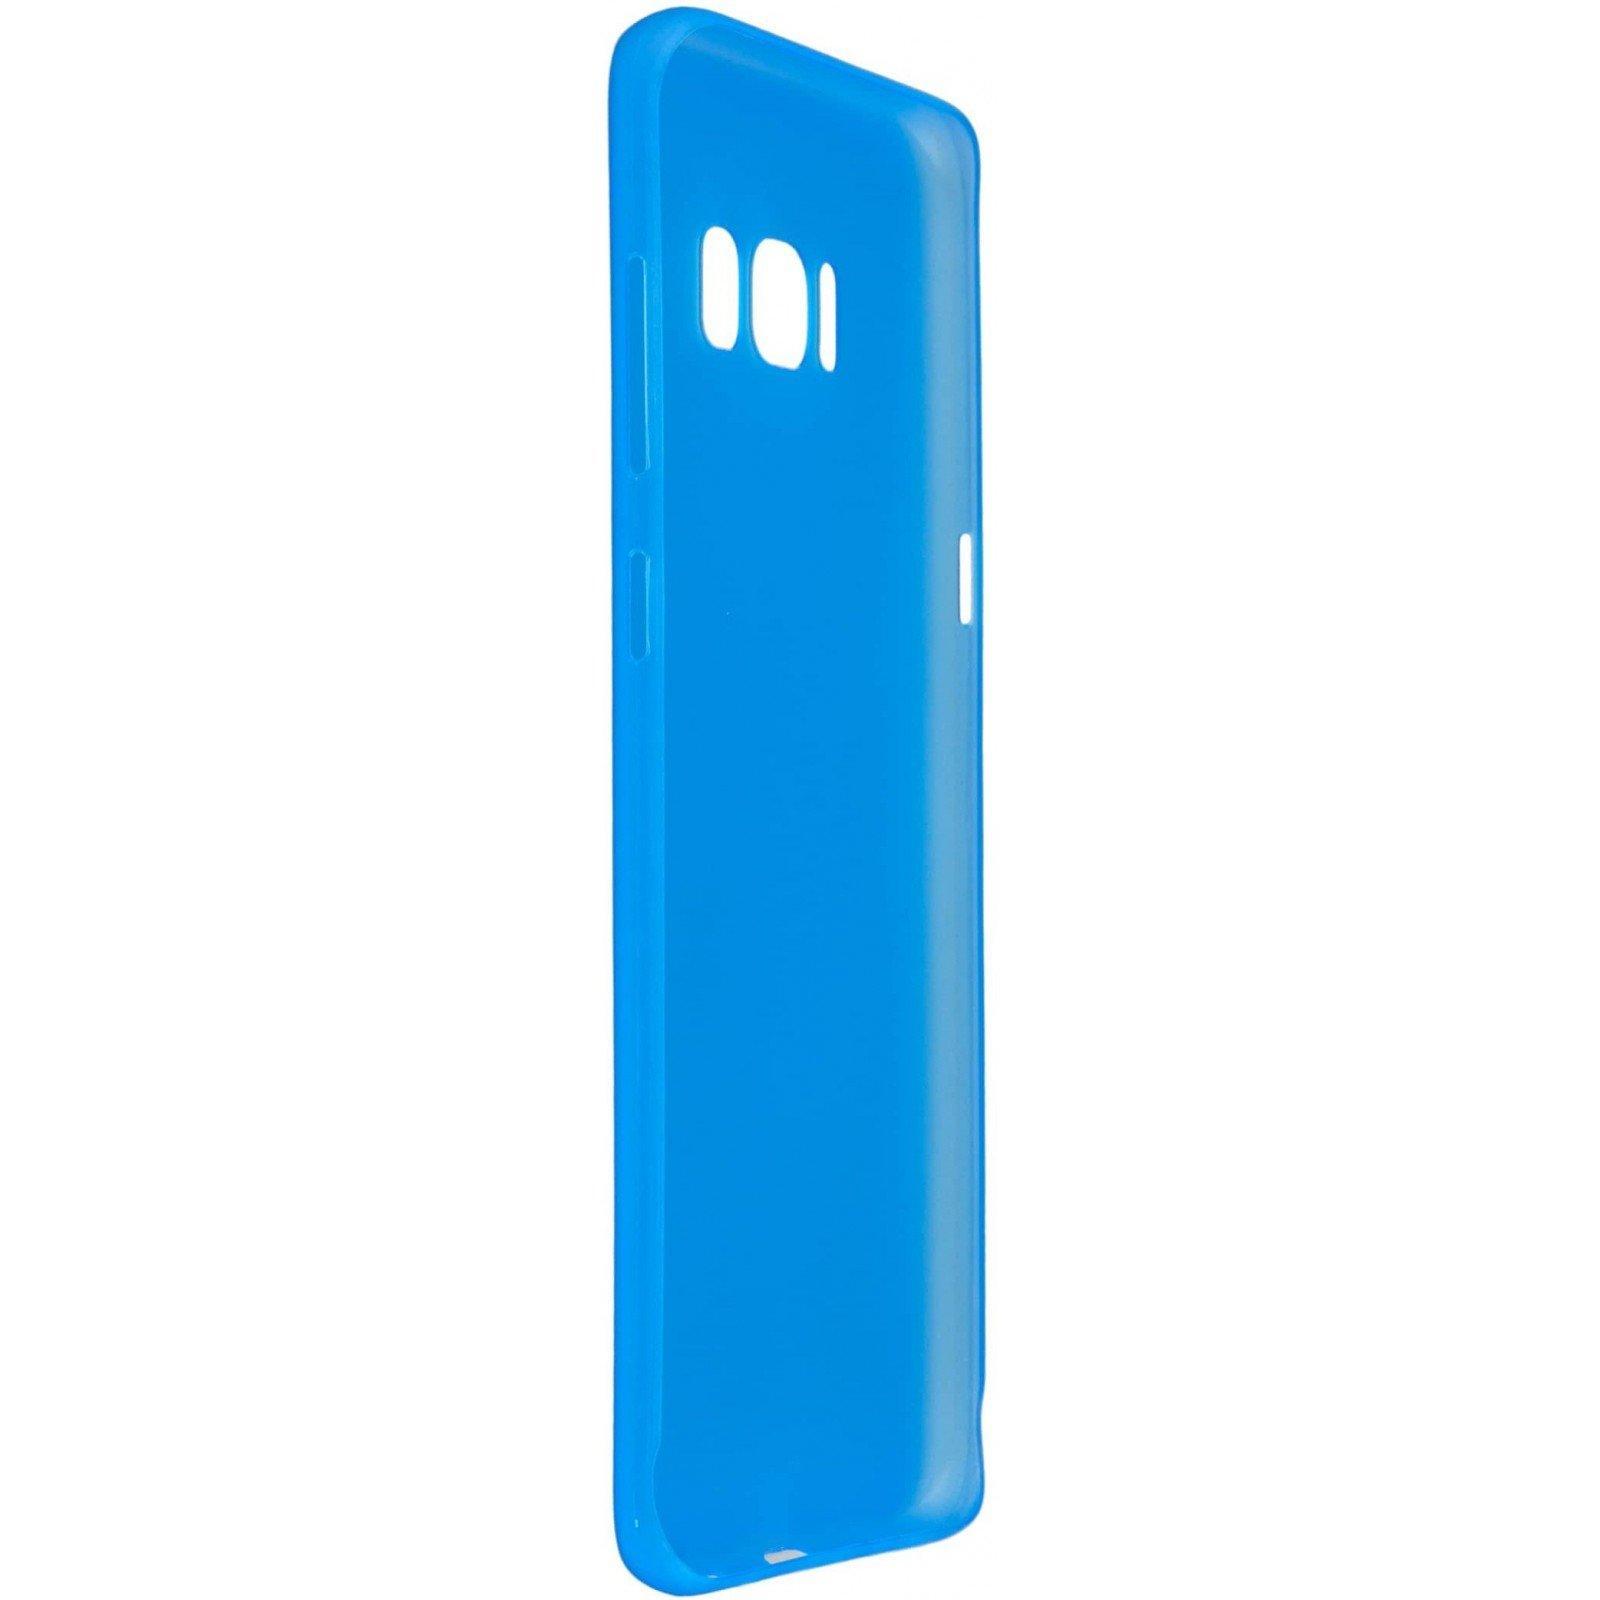 Чехол для моб. телефона MakeFuture Ice Case (PP) для Samsung S8 Blue (MCI-SS8BL) изображение 3